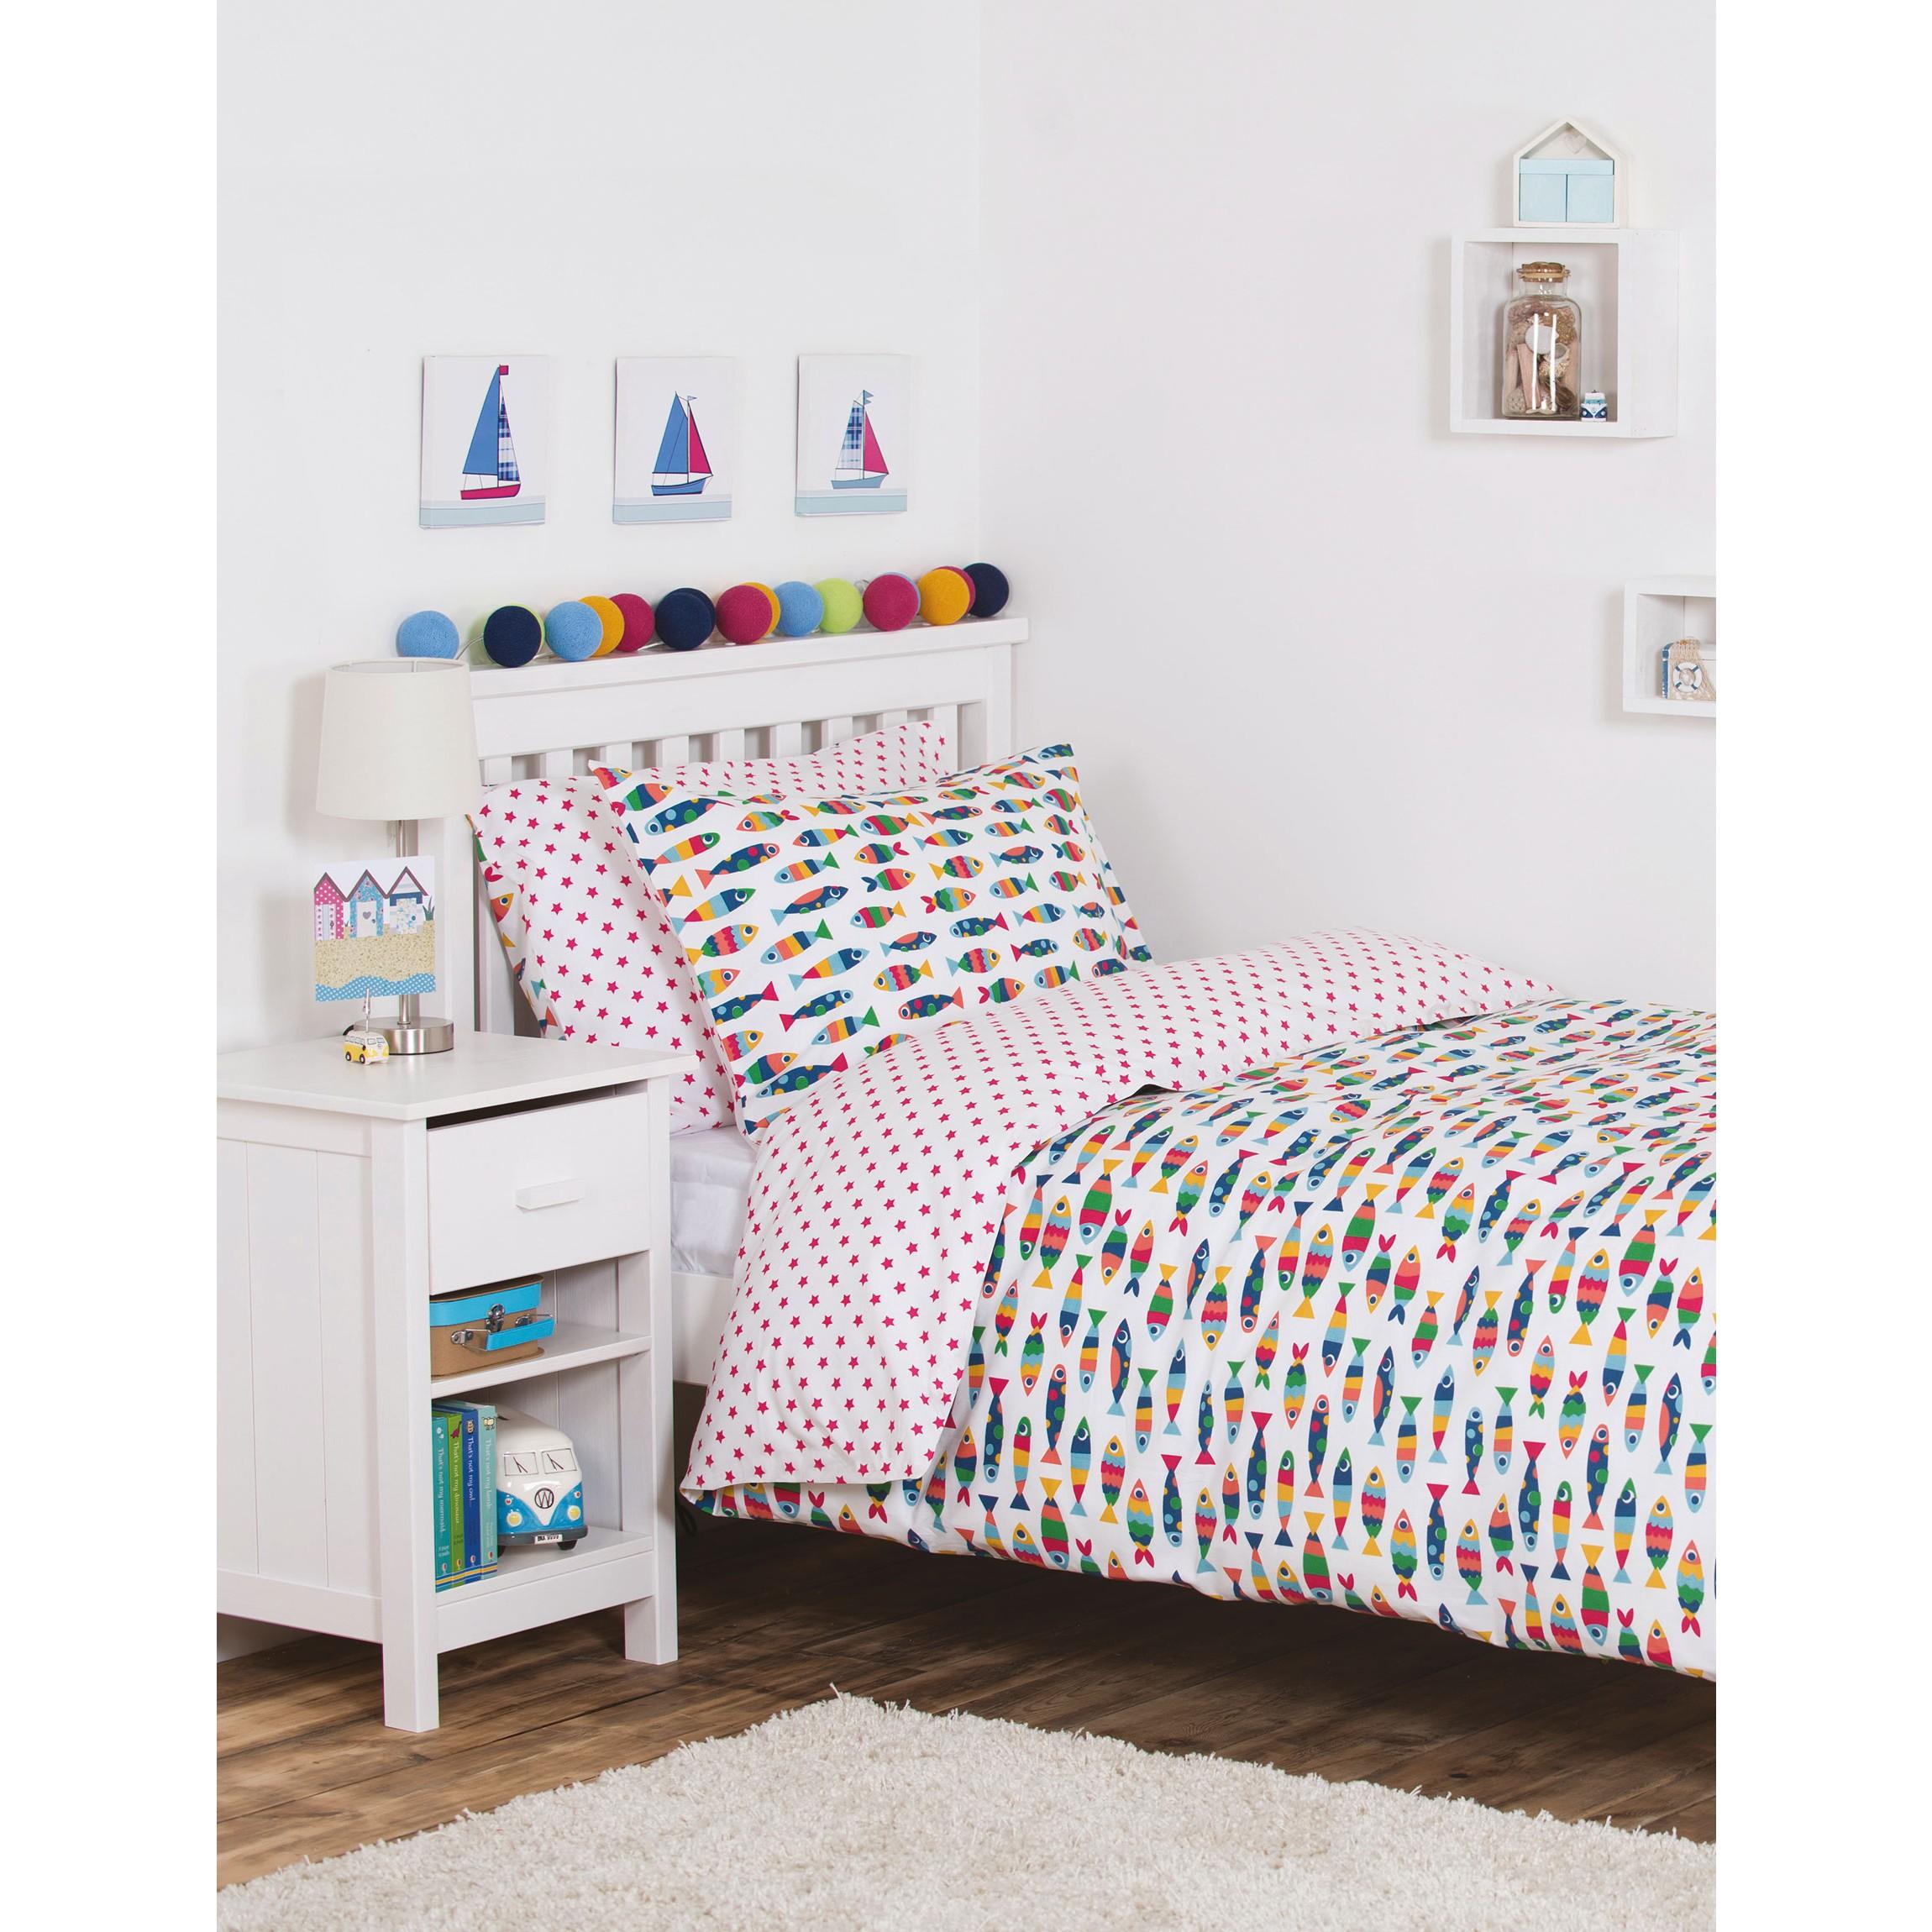 rainbow cot bedding photo - 6